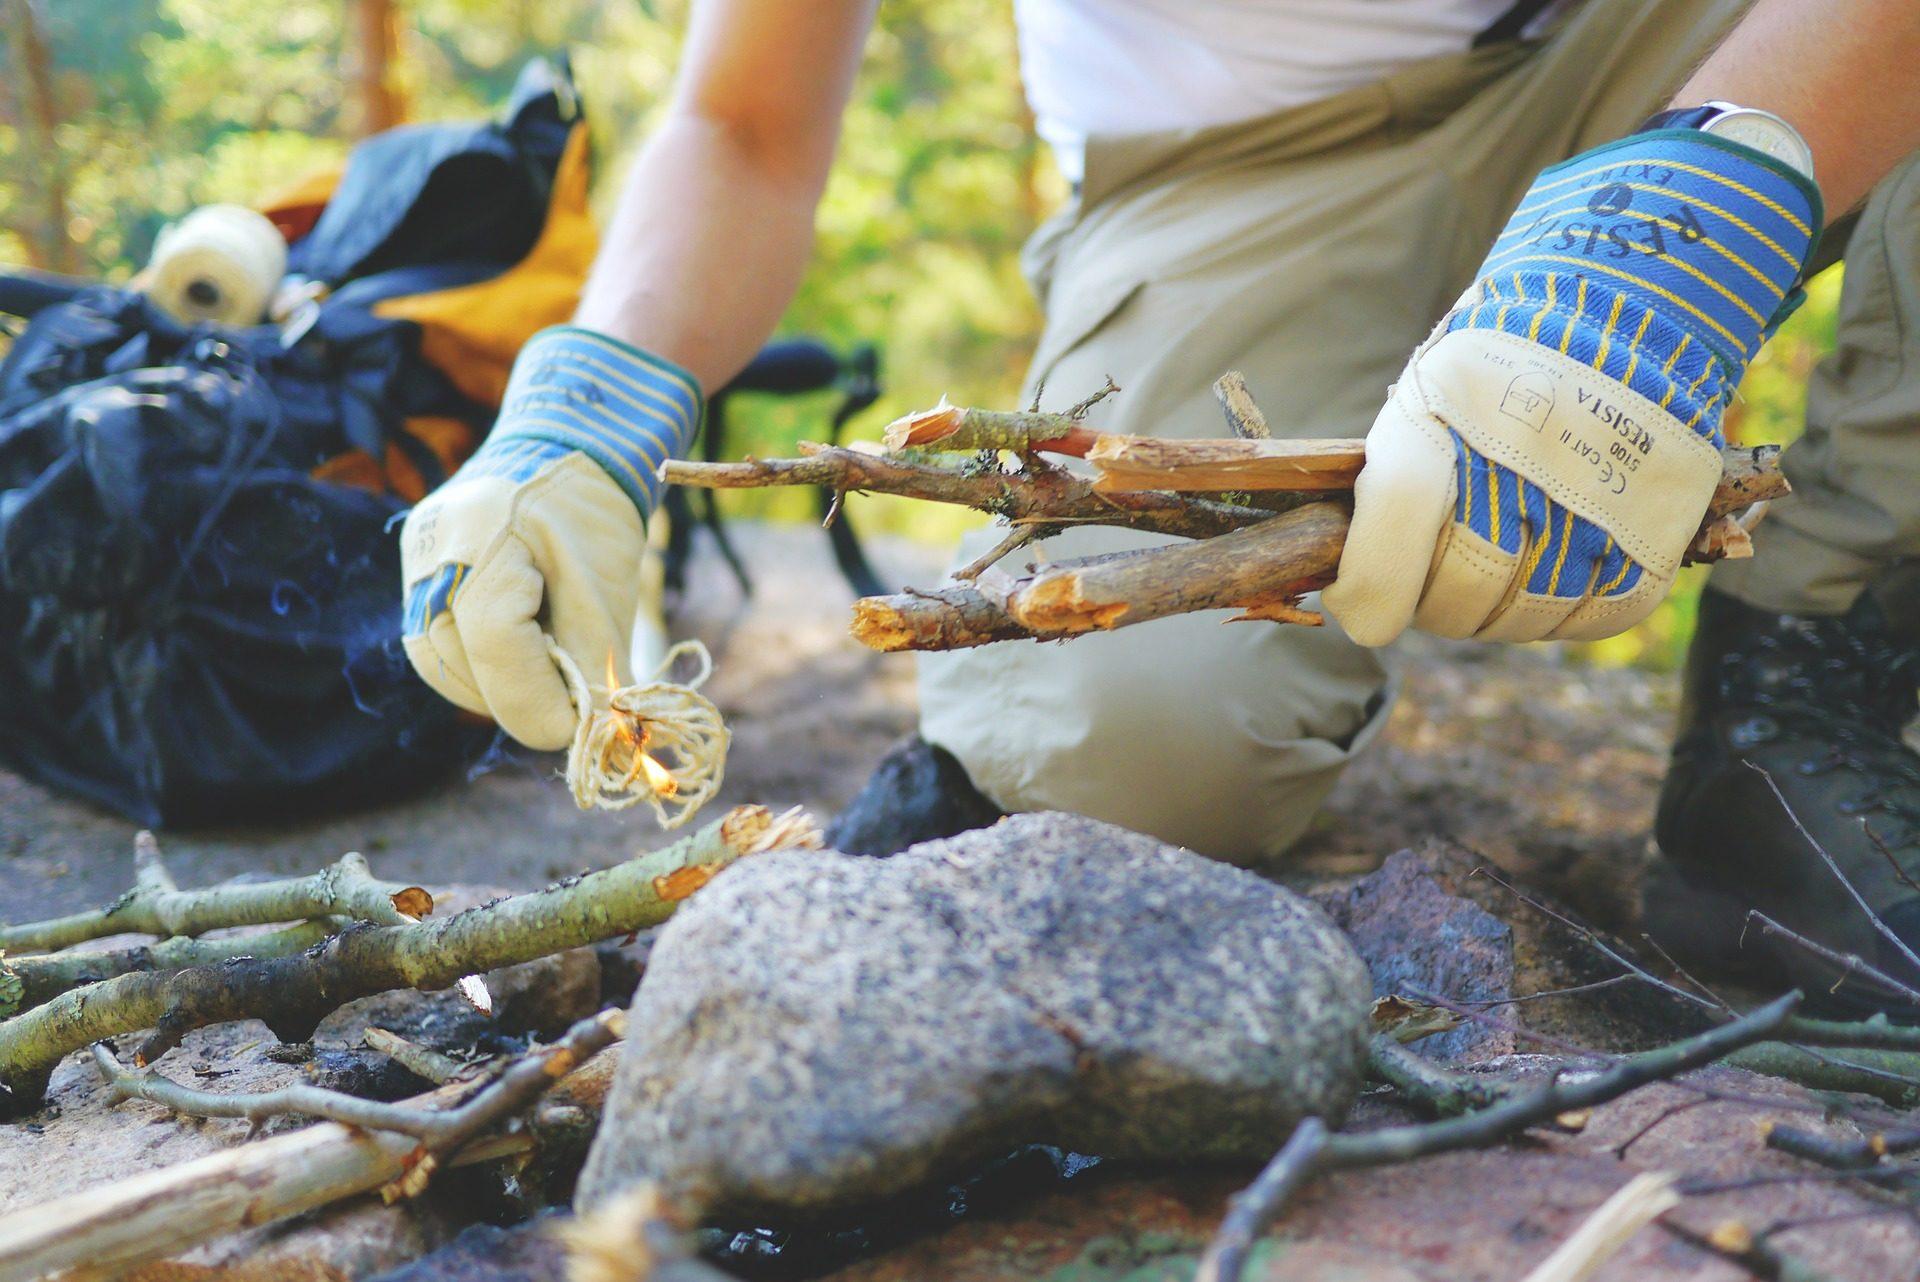 Sortie bushcraft, apprenez votre vraie nature !